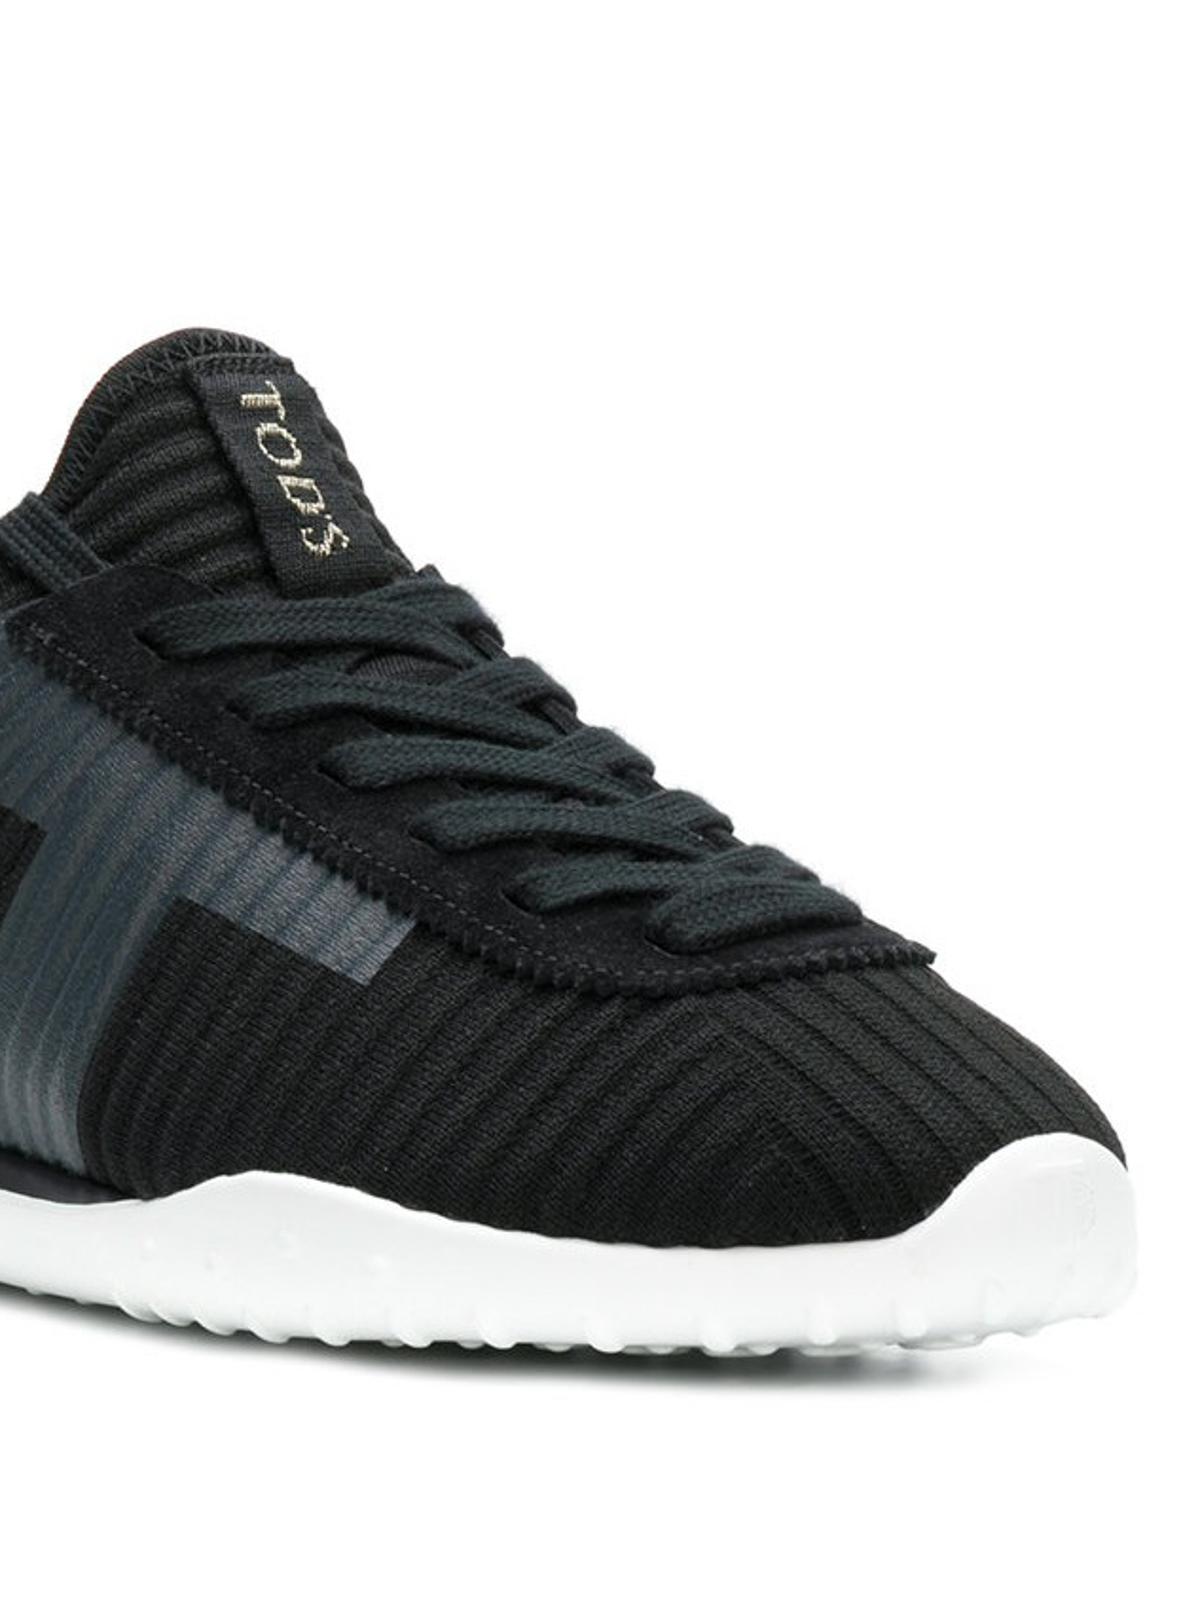 Sneakers In Neri Maglia Tod's Ikrix A Coste T Camoscio Con Applicata wXkPO8n0